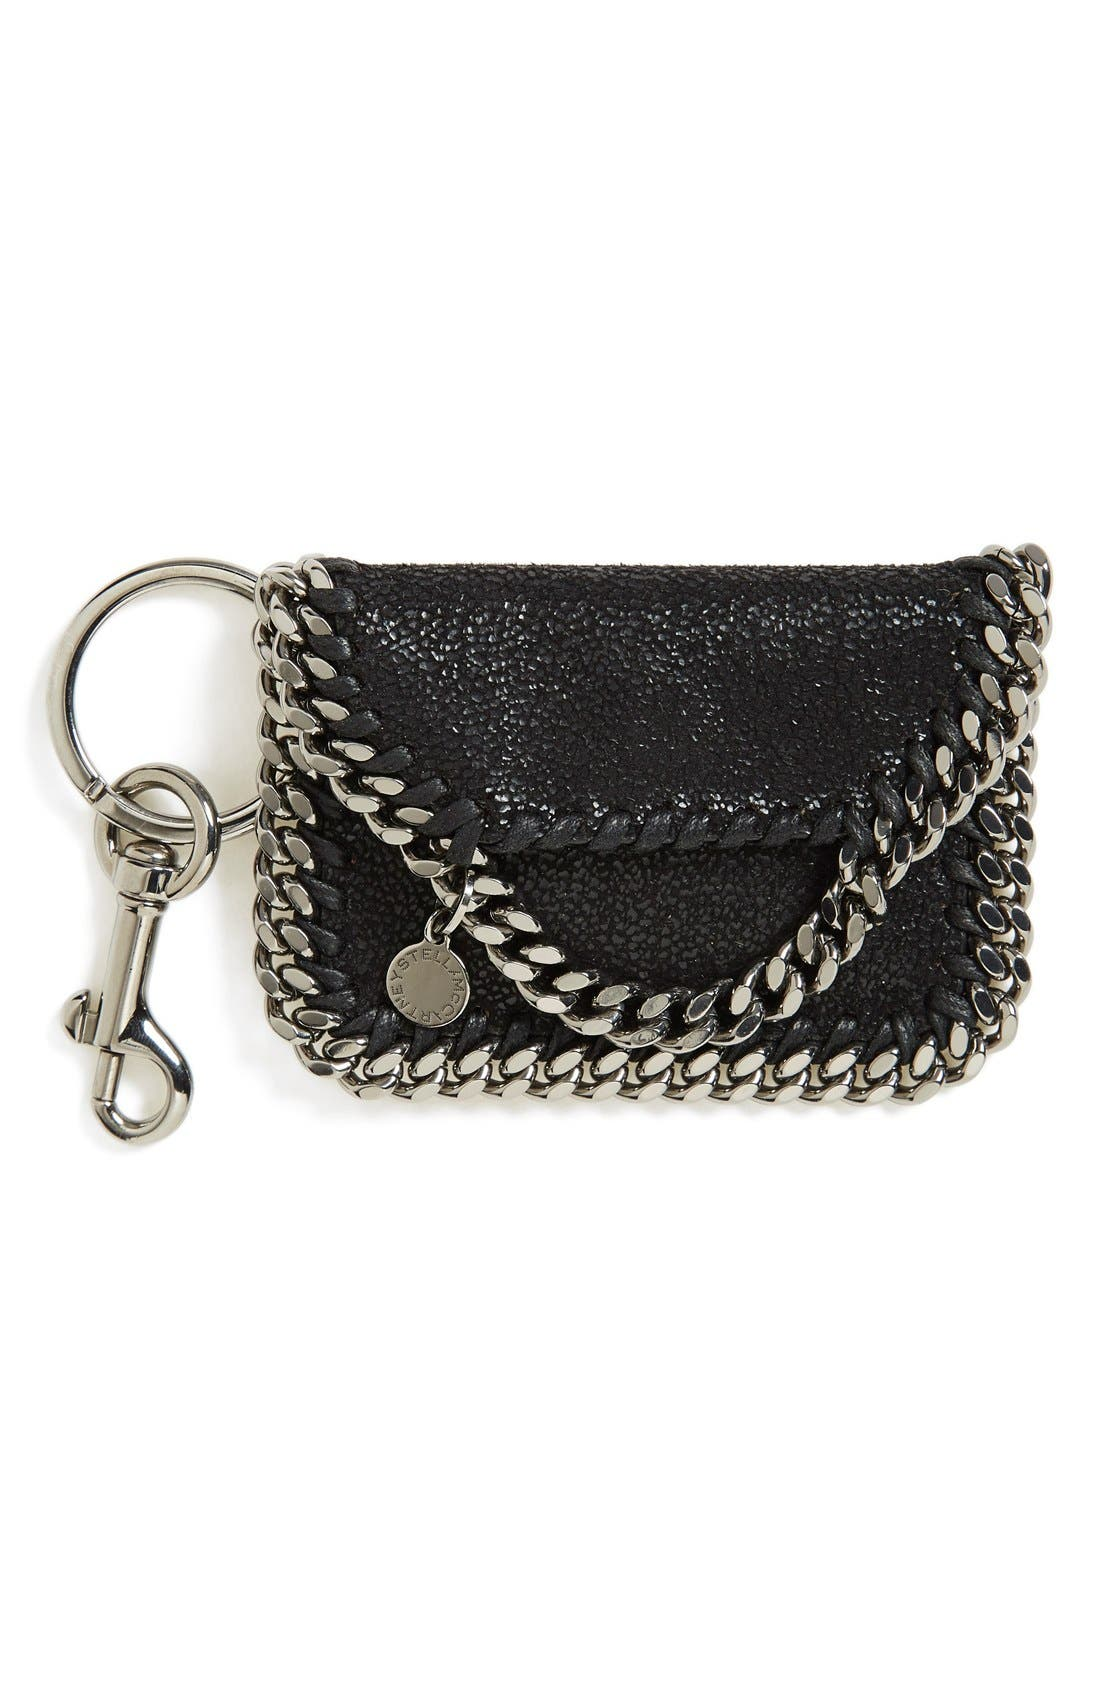 STELLA MCCARTNEY 'Falabella' Bag Charm